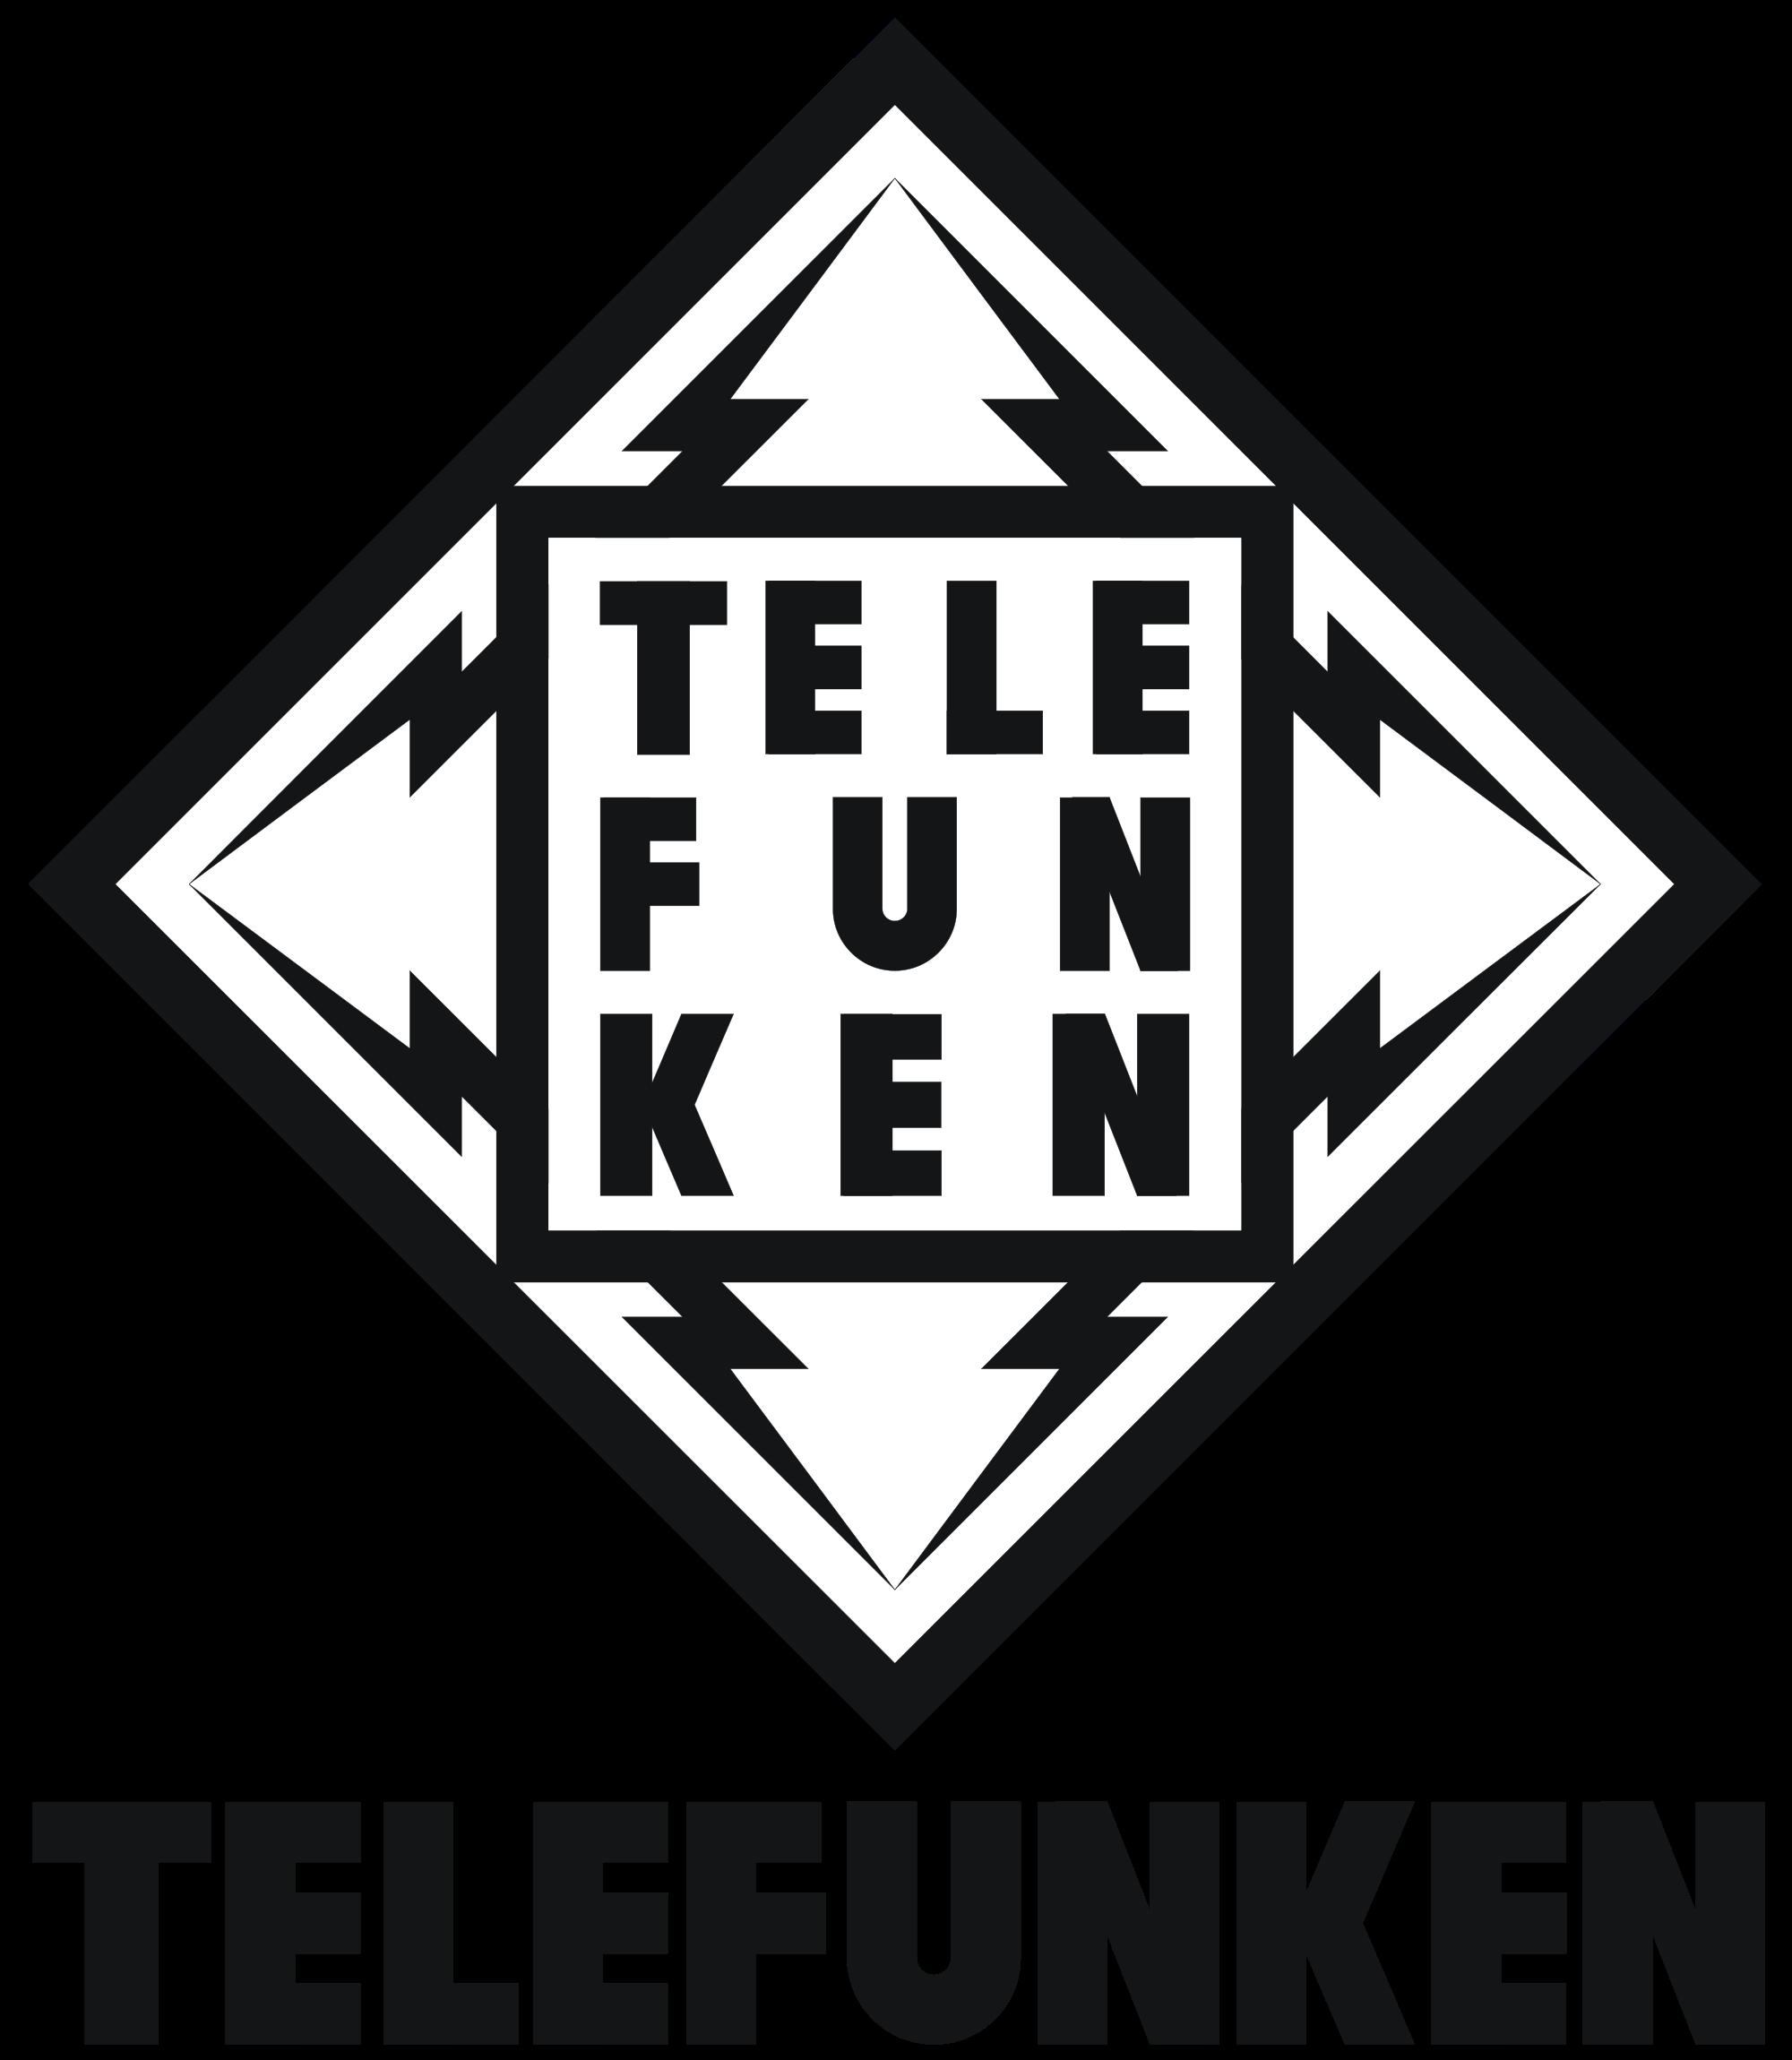 File:Telefunken logo.png